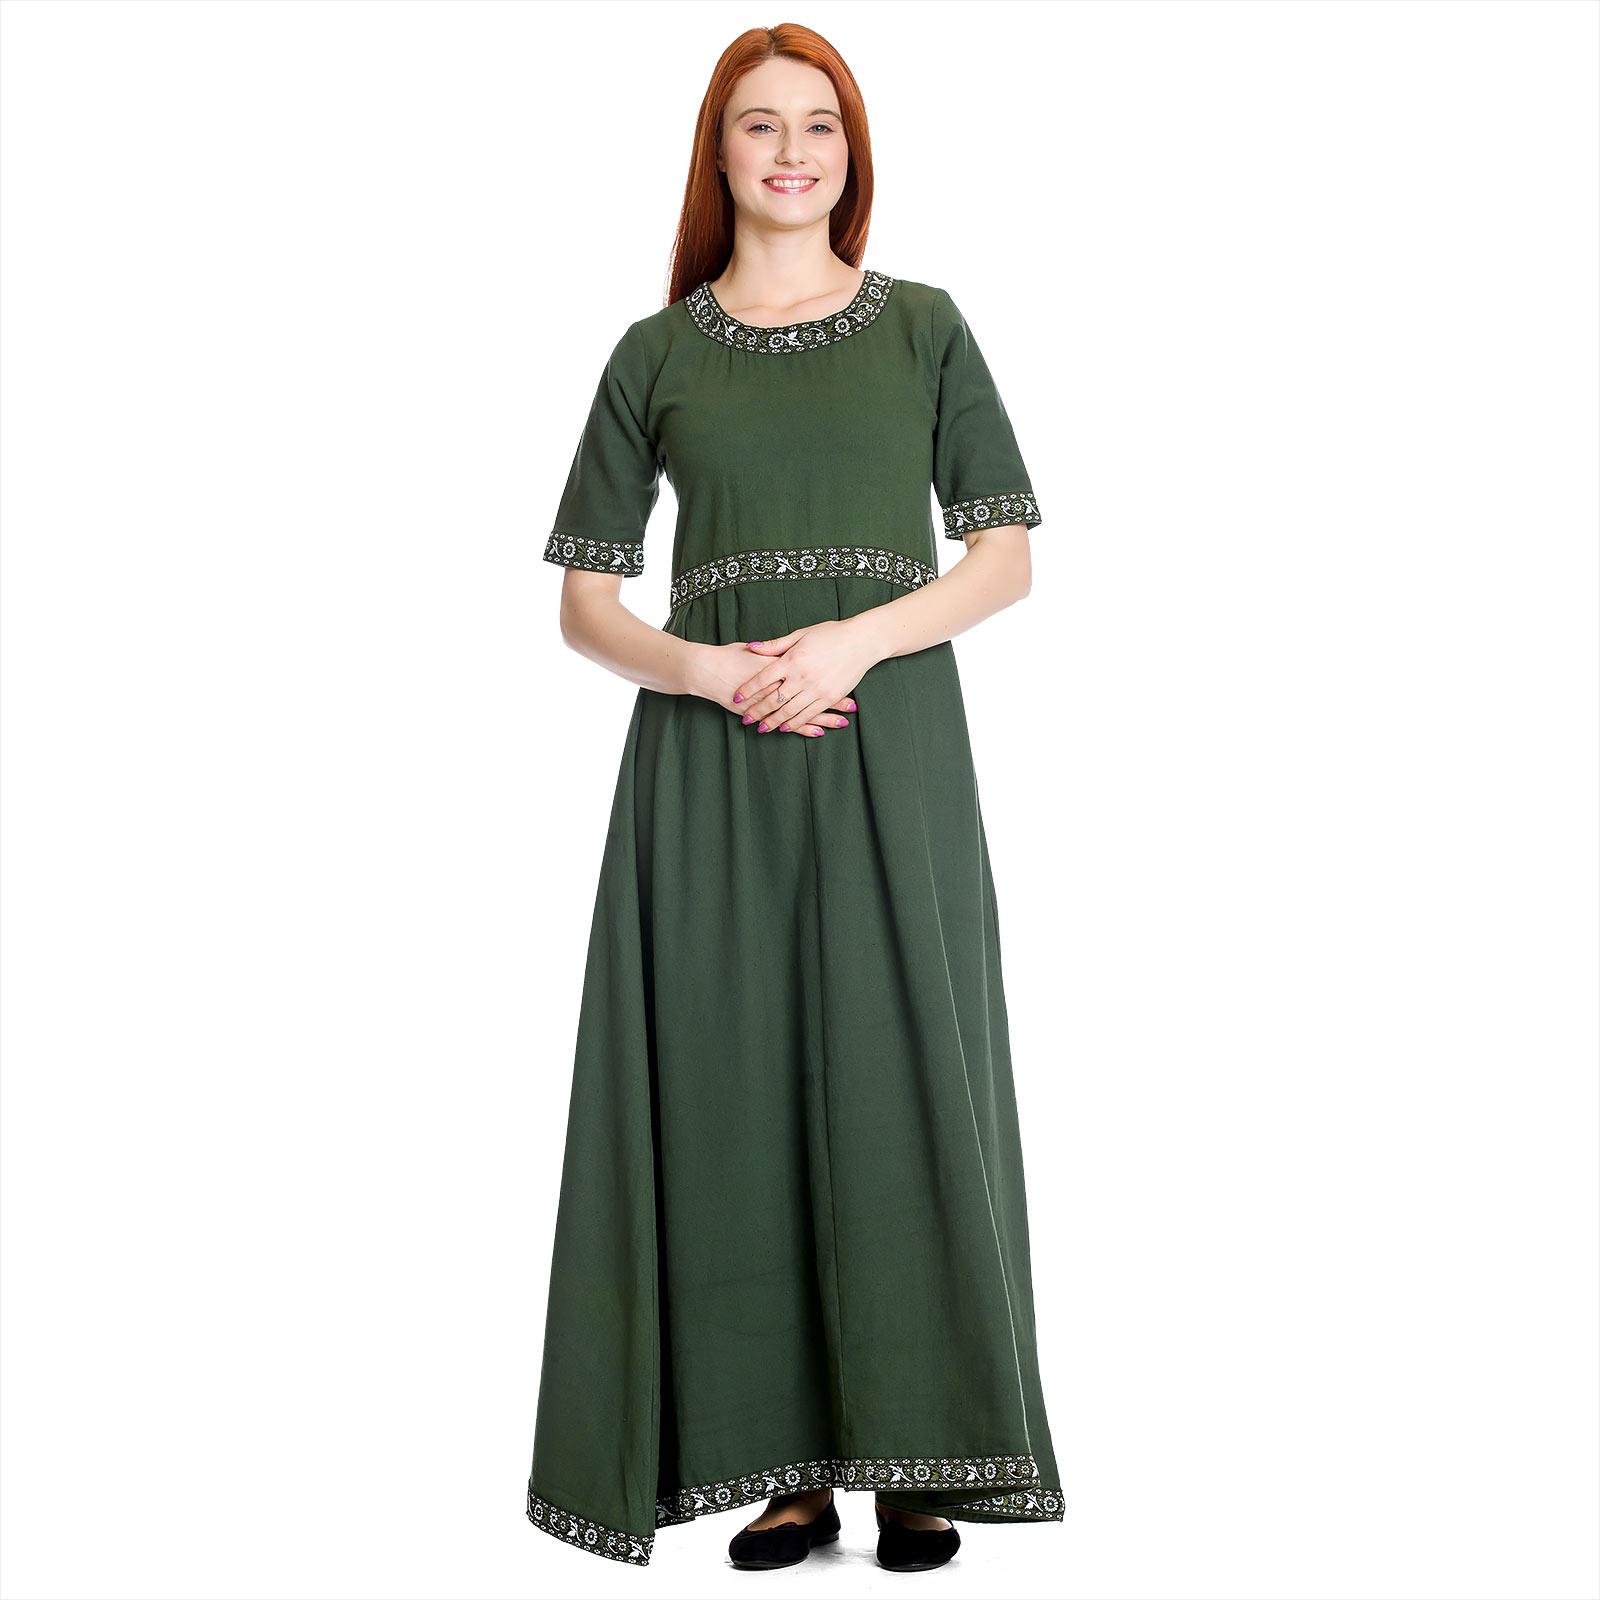 Mittelalter Kleid Ennlin mit Kurzarm grün